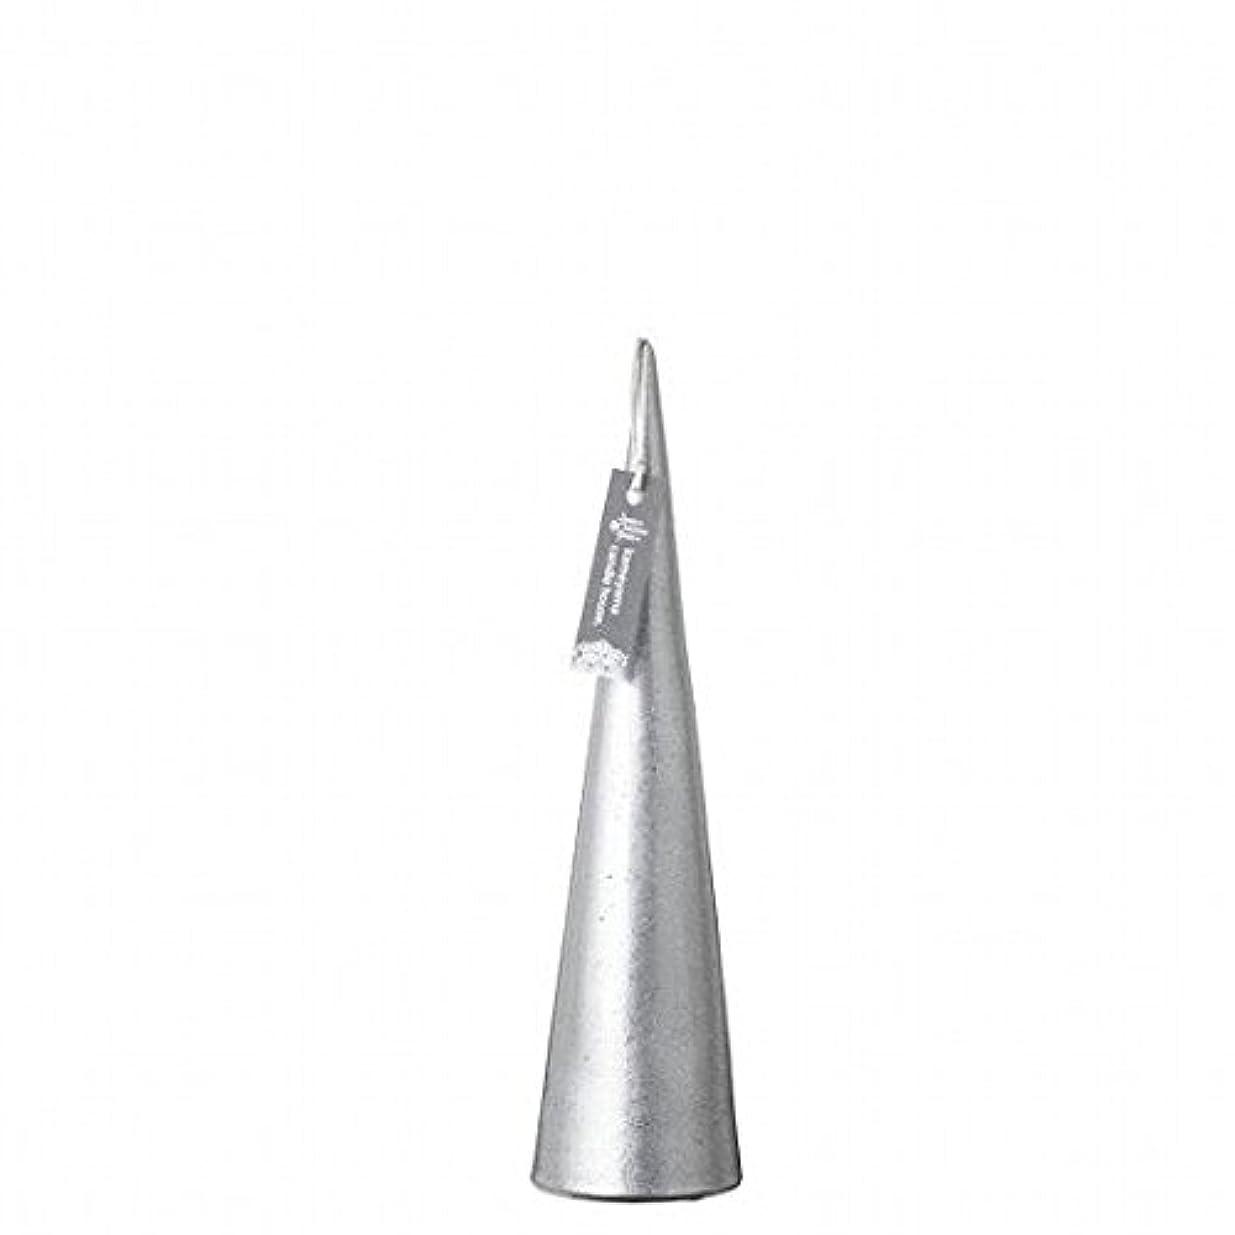 地下愛情深い成功したkameyama candle(カメヤマキャンドル) メタリックコーンM 「 シルバー 」(A9560110SI)